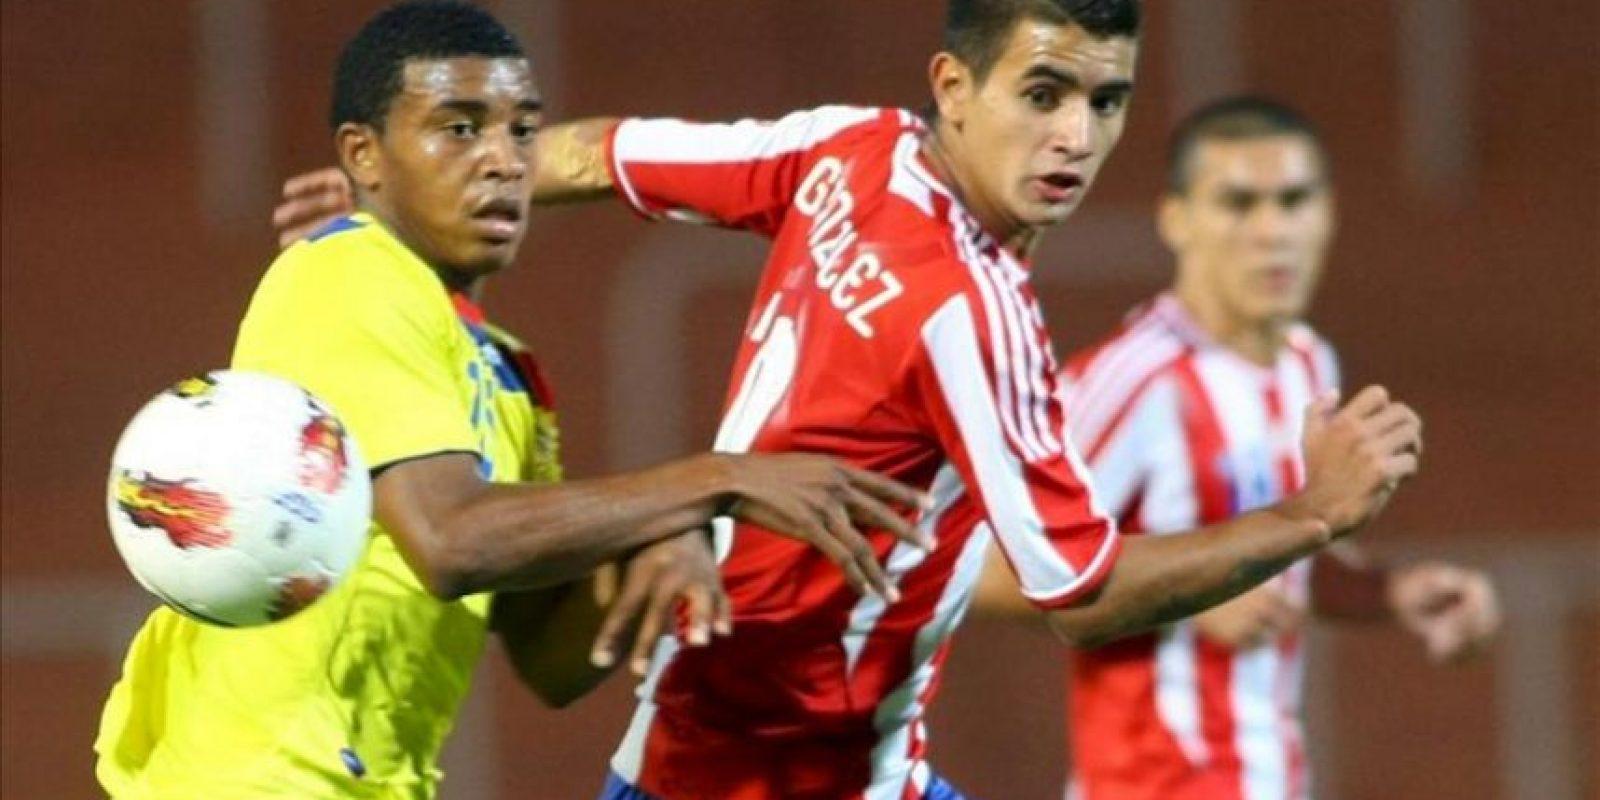 El jugador de Ecuador Michael Arboleda (d) lucha por el balón con Derlis González (d) de Paraguay en un partido del sudamericano sub'20 en el estadio Malvinas Argentinas de Mendoza (Argentina). EFE